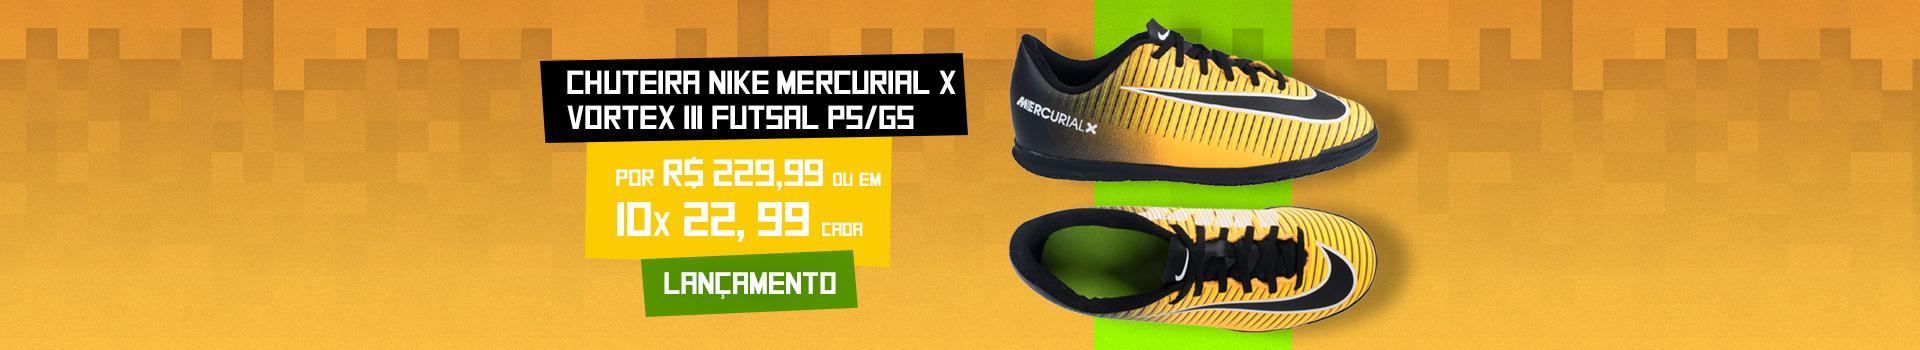 TV 1 - Chuteira Adidas